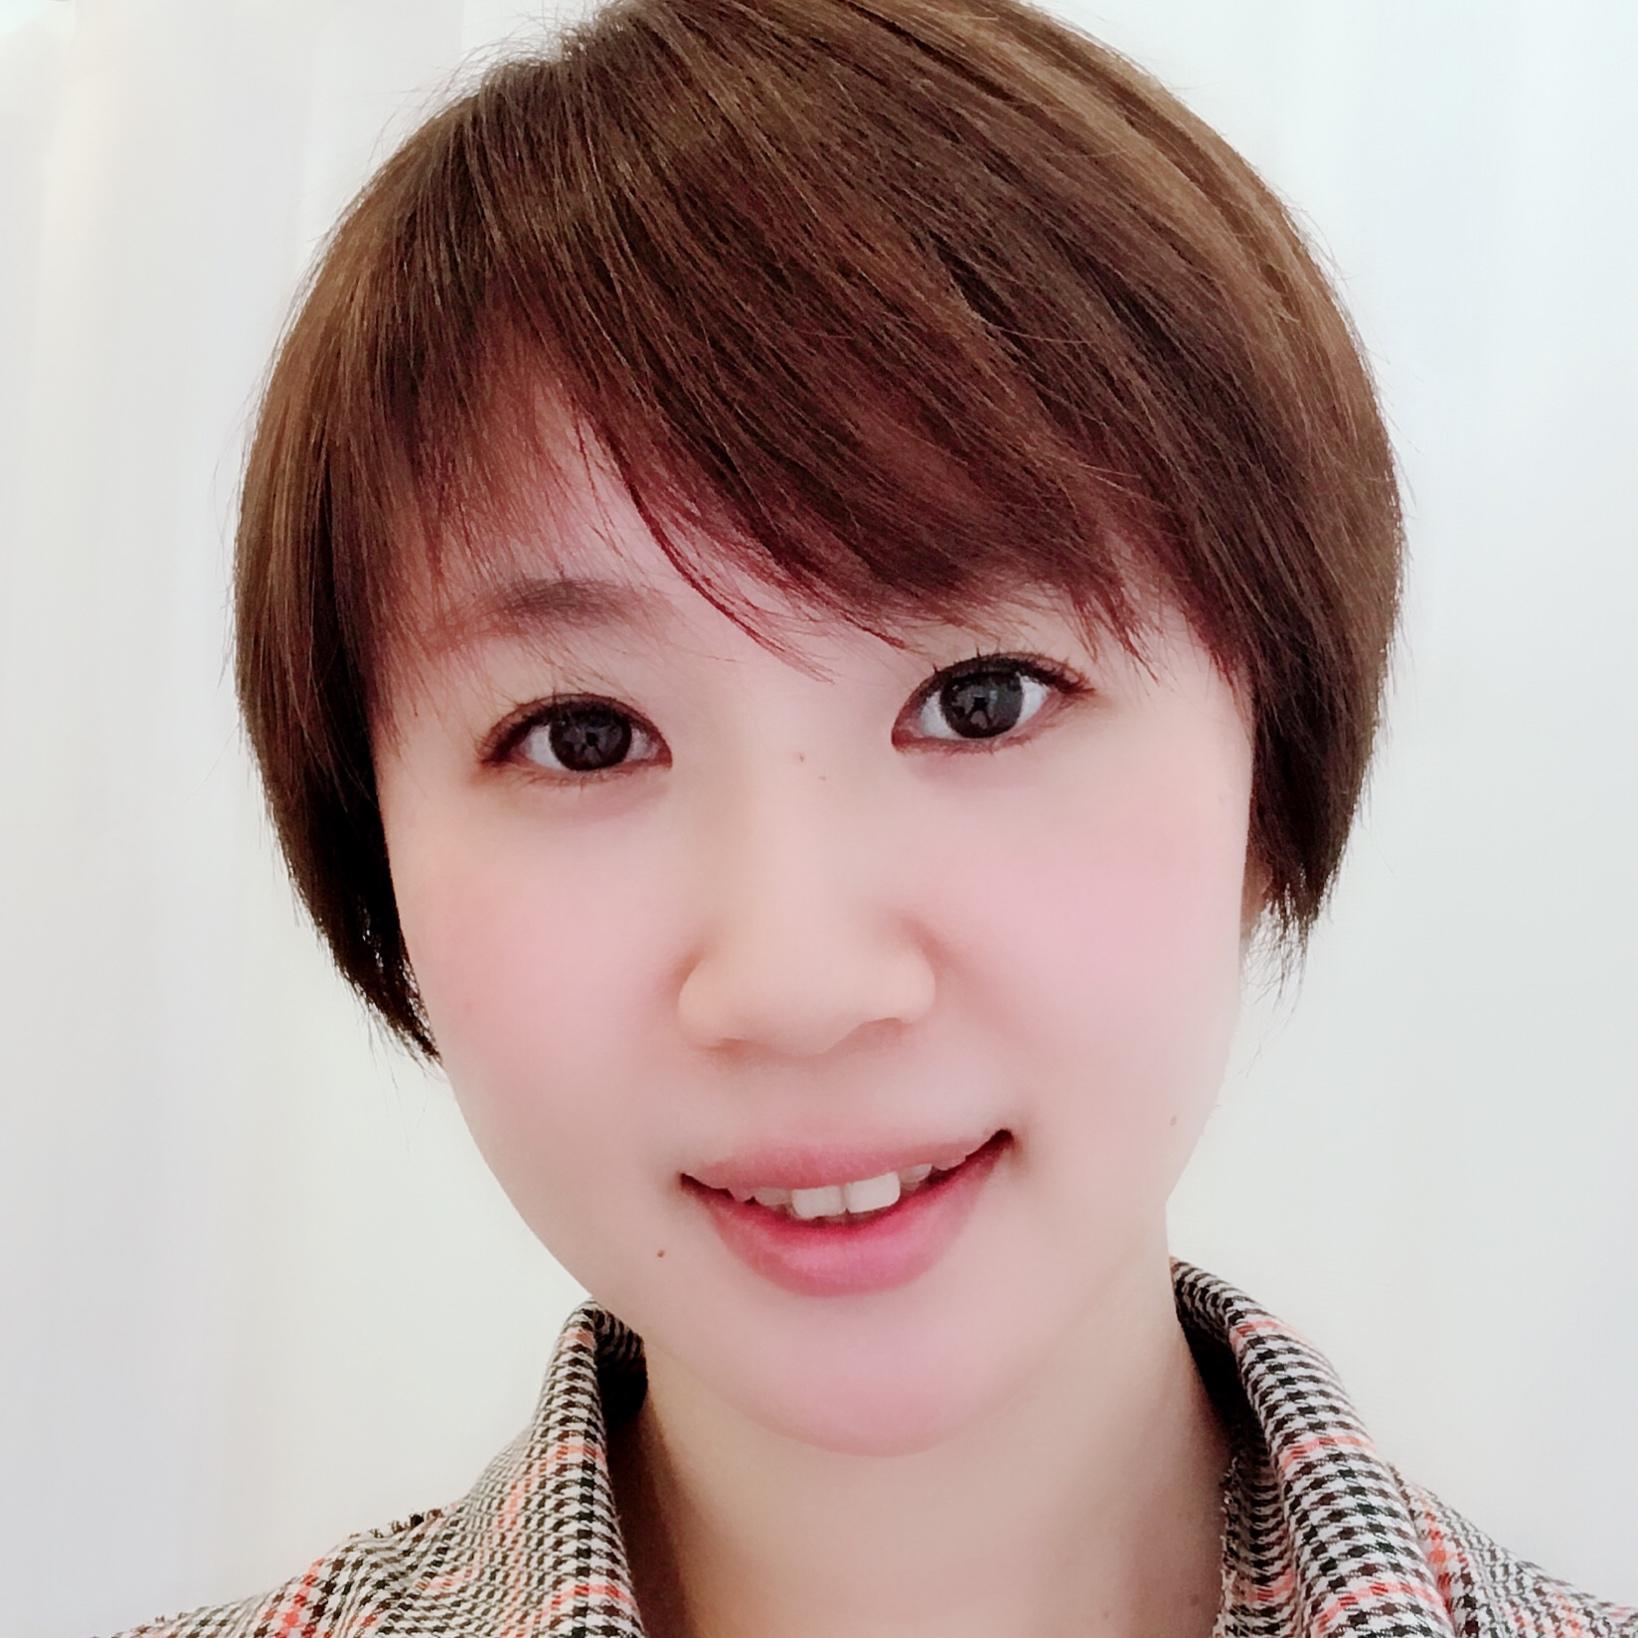 安樂 尚子(nao)